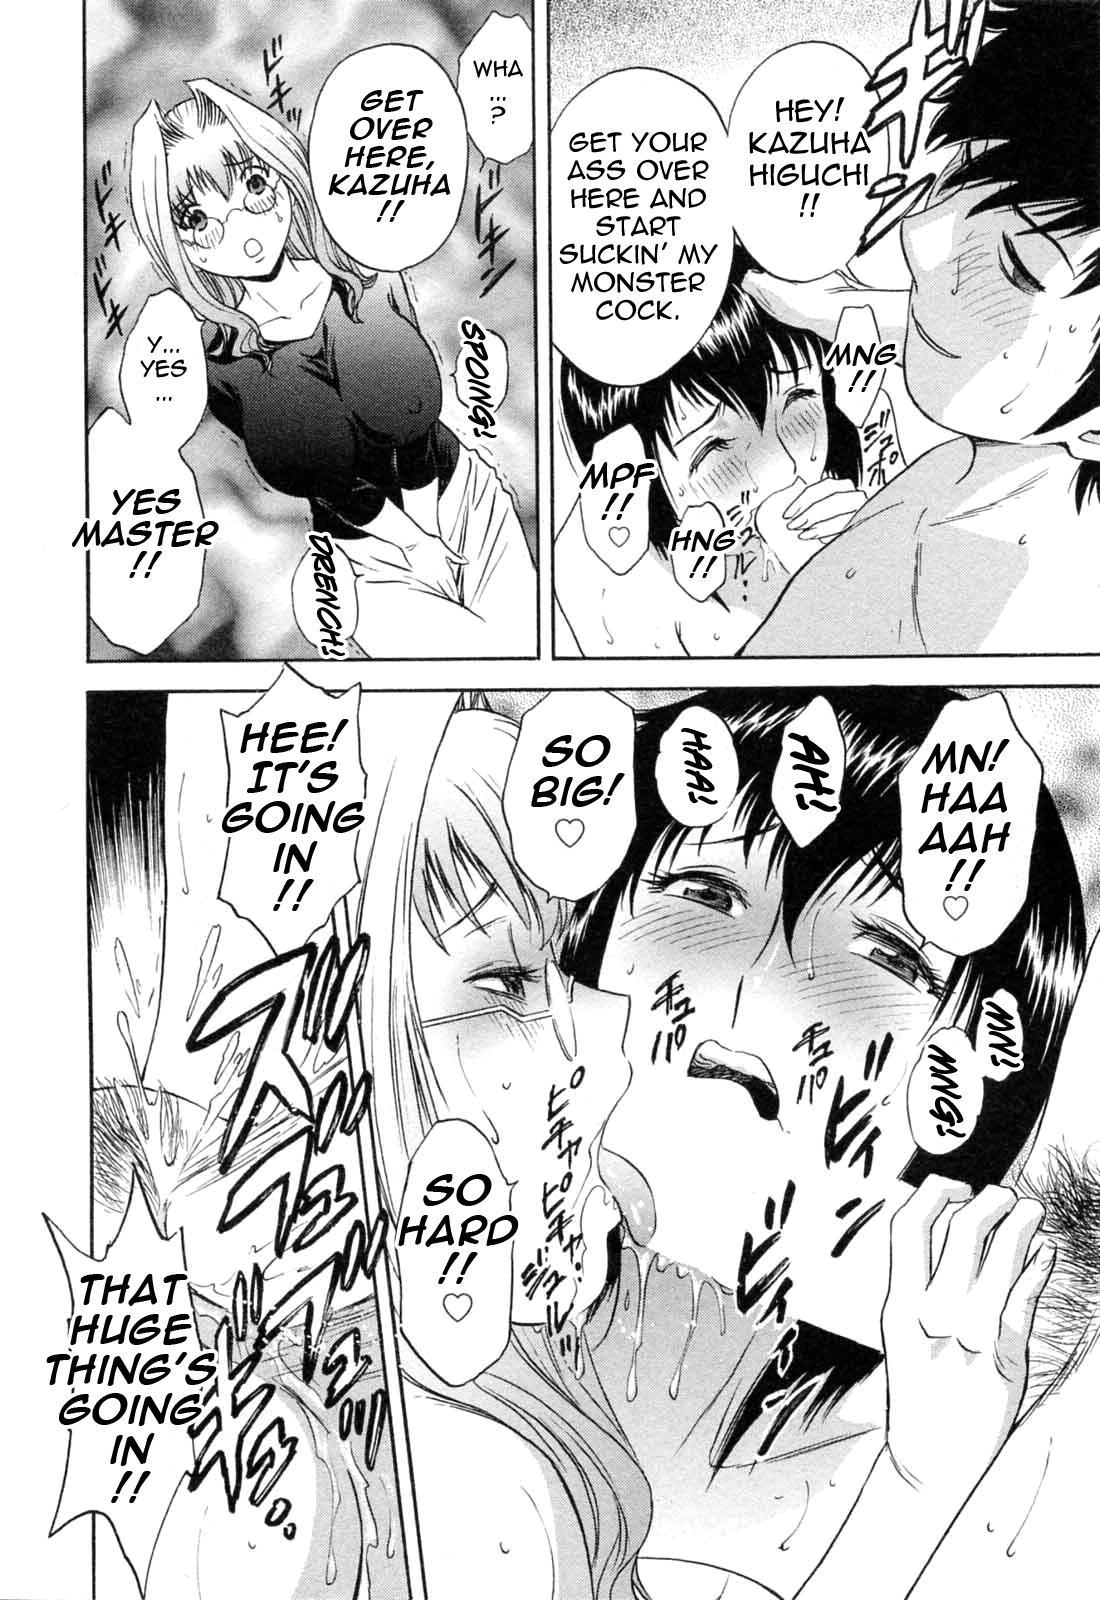 [Hidemaru] Mo-Retsu! Boin Sensei (Boing Boing Teacher) Vol.5 [English] [4dawgz] [Tadanohito] 87